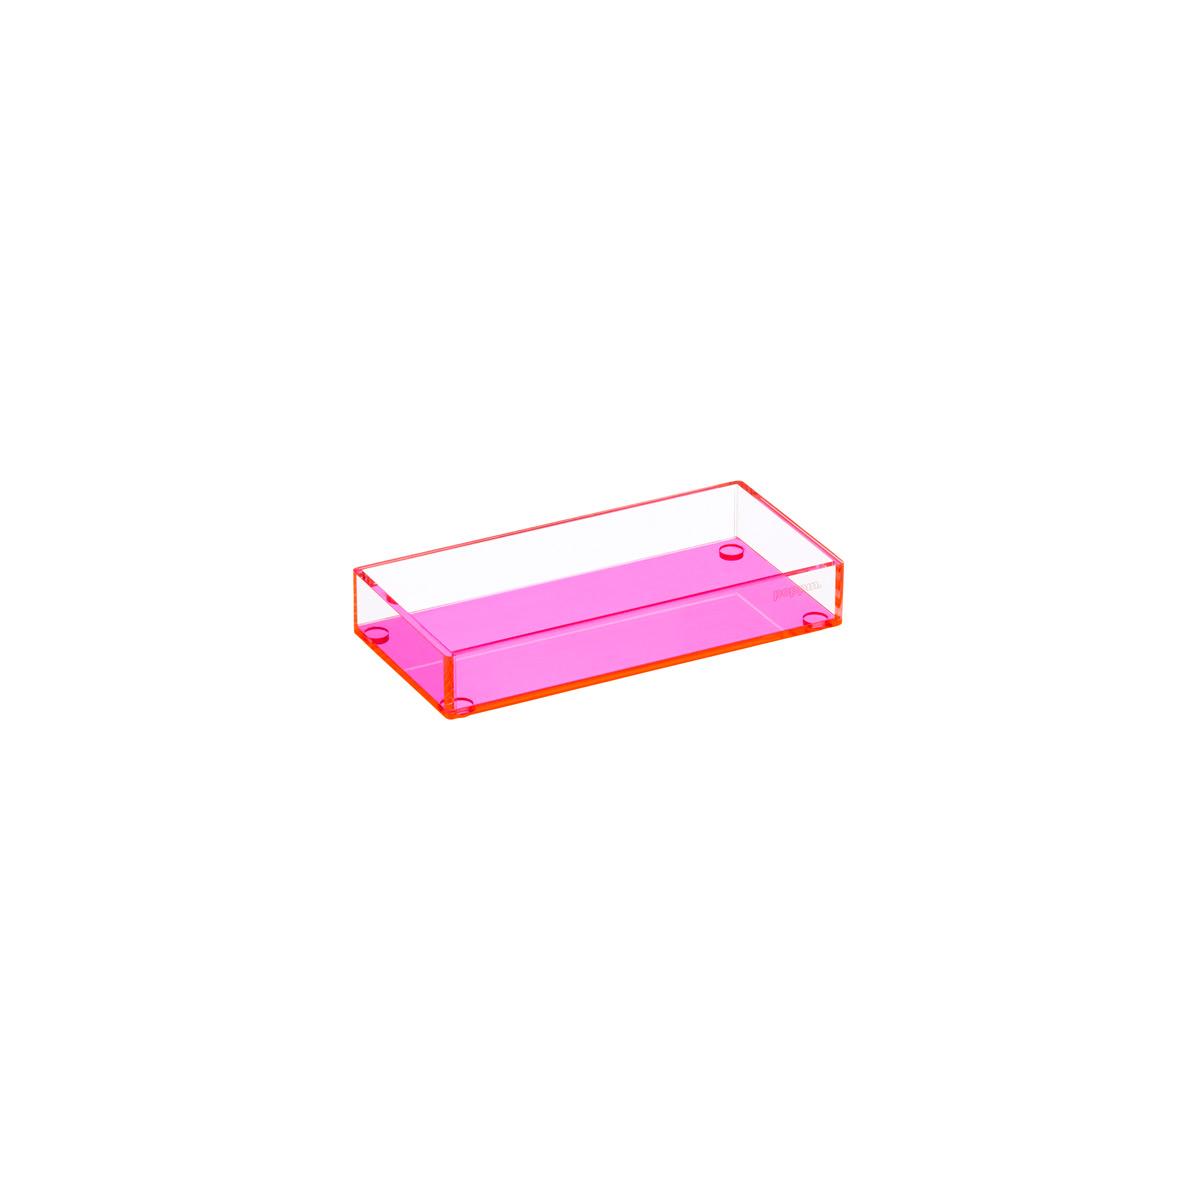 Acrylic Small Accessory Tray